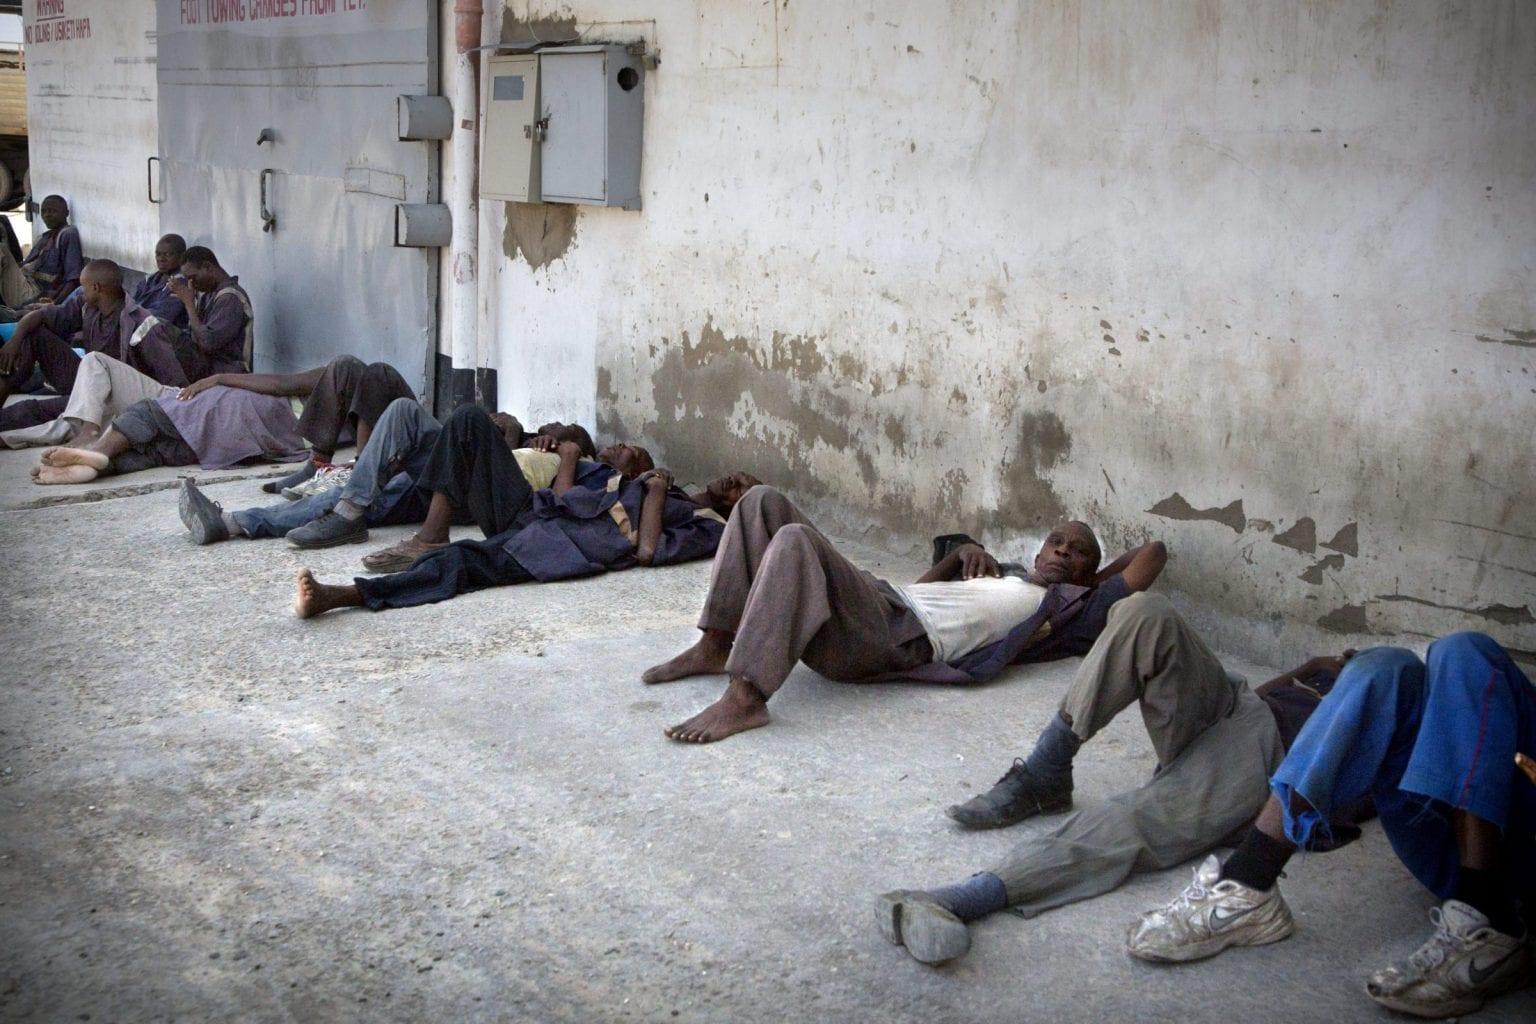 Bærere ligger og venter uden for et varehus. De ved ikke hvornår, men de ved, at der på et tidspunkt i løbet af dagen vil komme lastbiler, der skal tømmes. Foto: Linda Bournane Engelberth